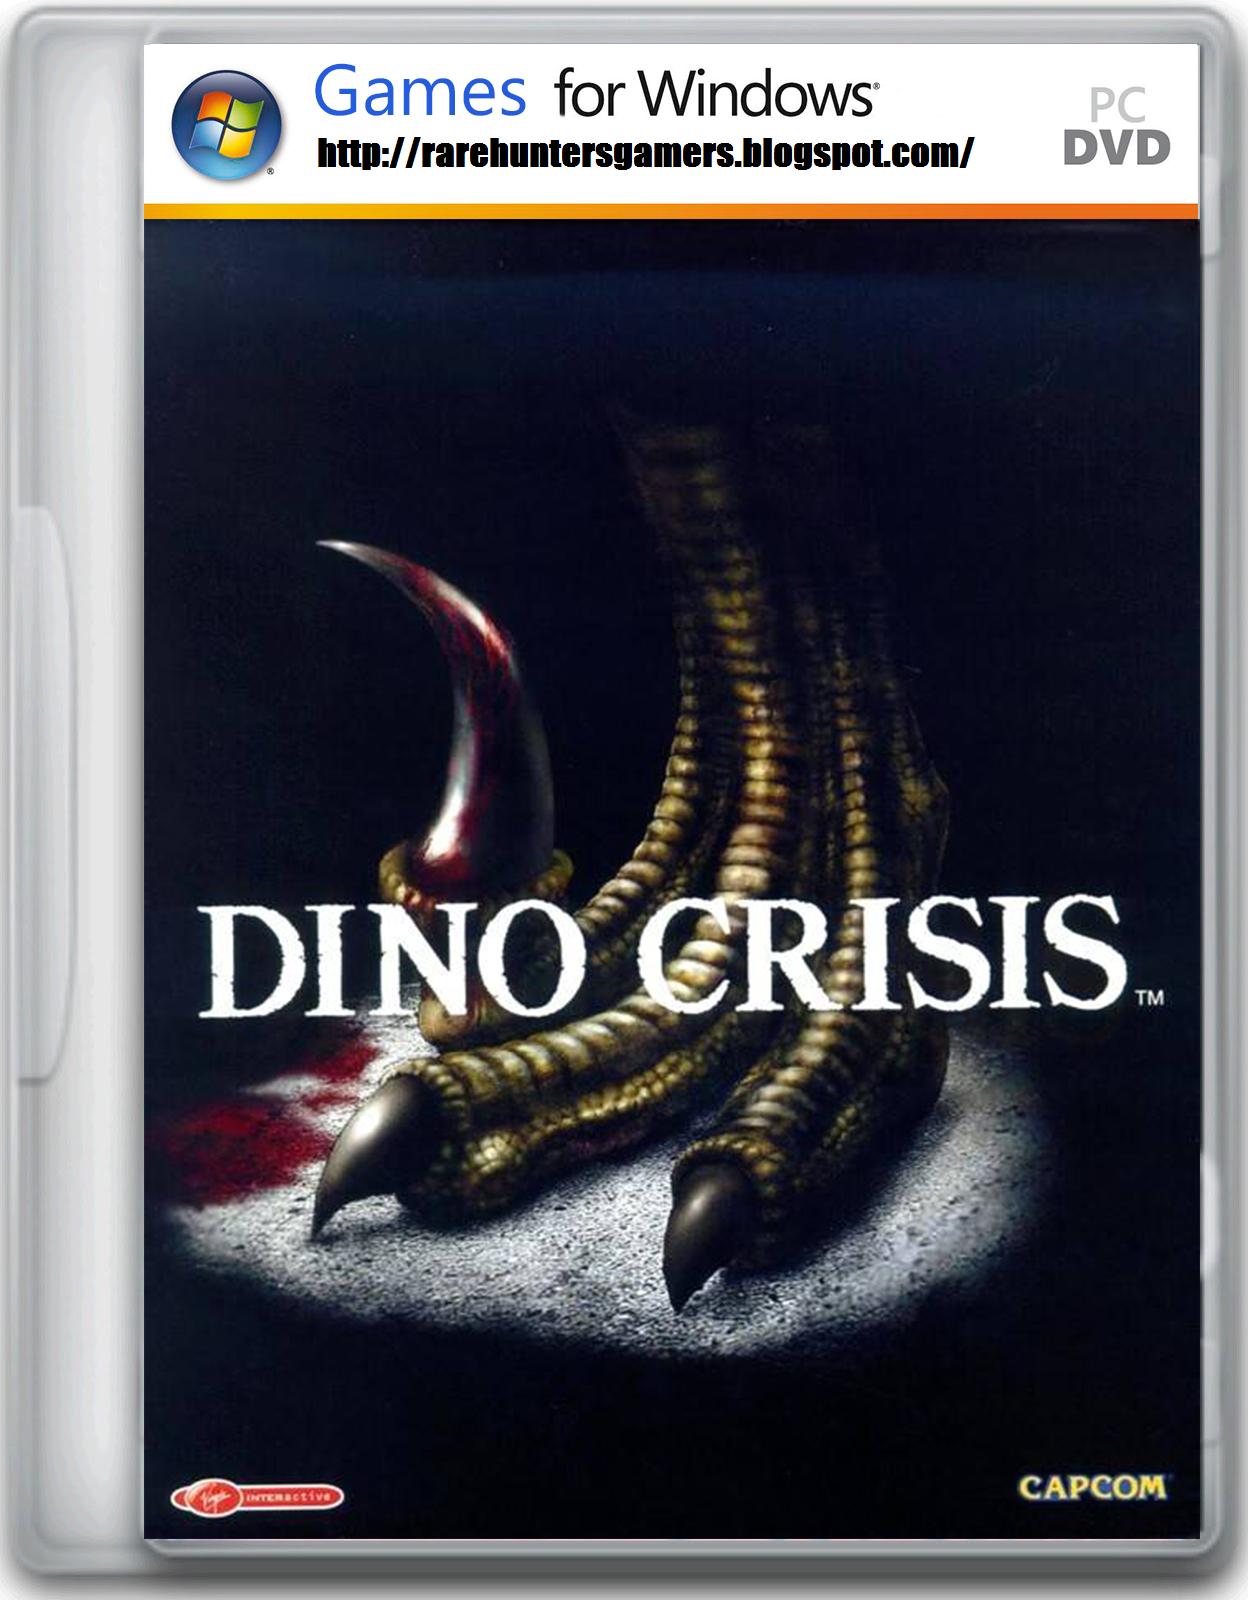 dino crisis 1 pc download completo portugues